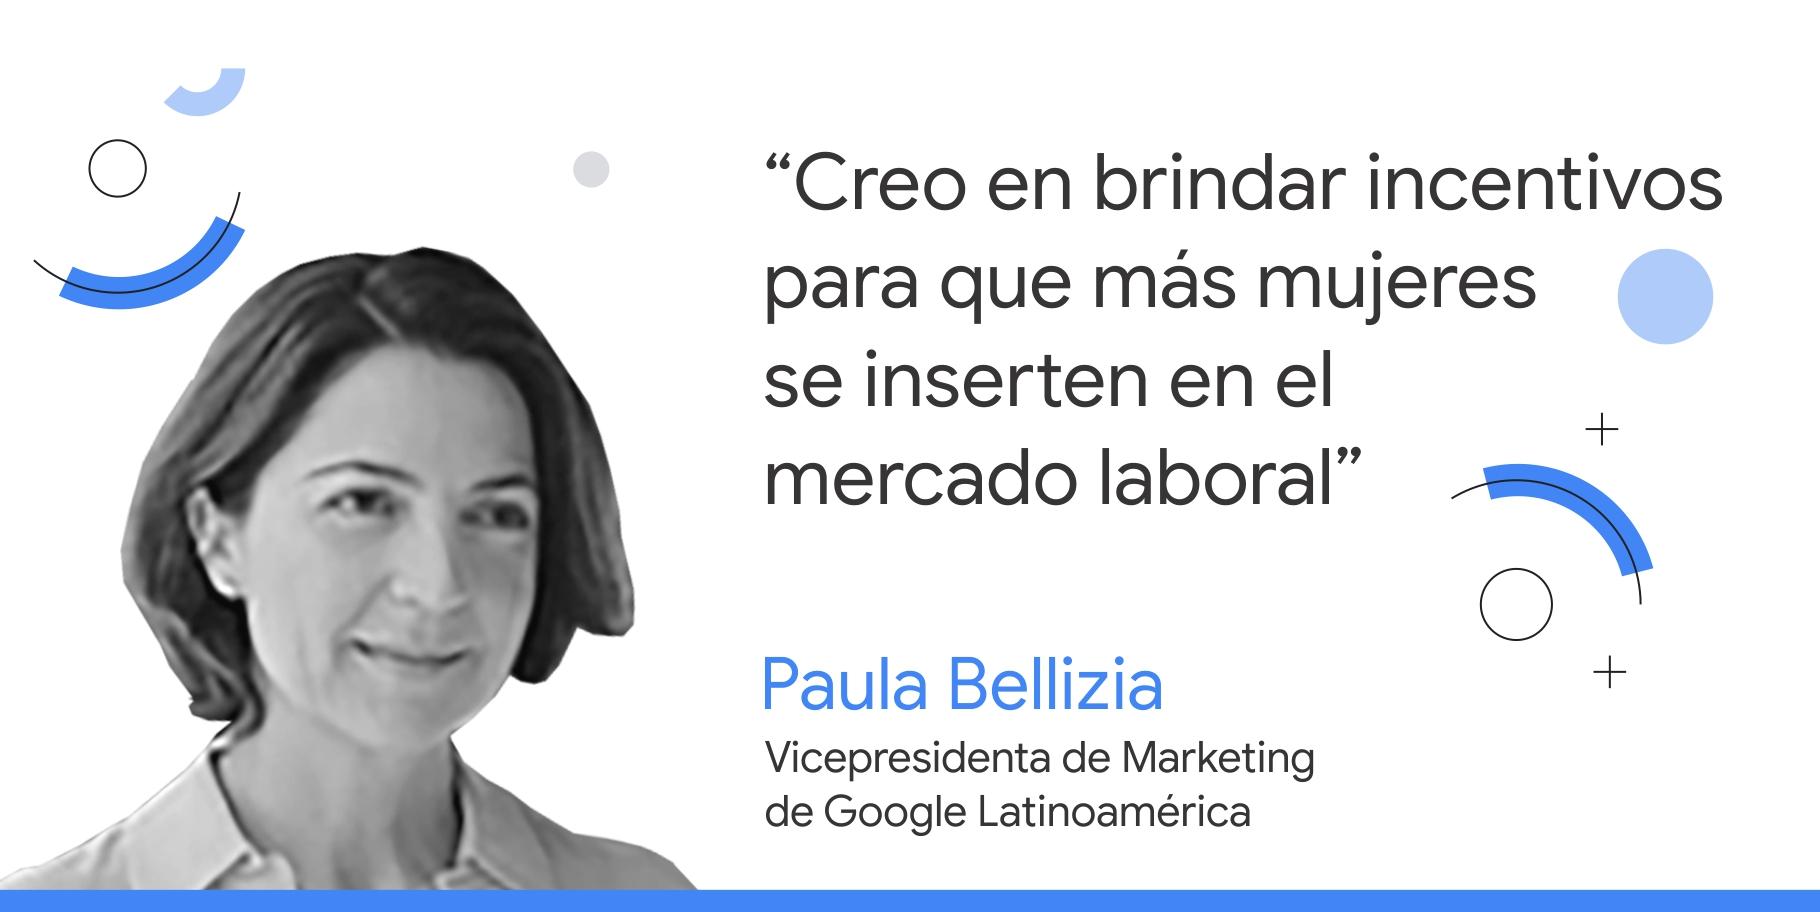 """Foto en blanco y negro de Paula Bellizia, VP de Marketing de Google Latinoamérica, junto a su consejos que dice: """"Creo en brindar incentivos para que más mujeres se inserten en el mercado laboral""""."""